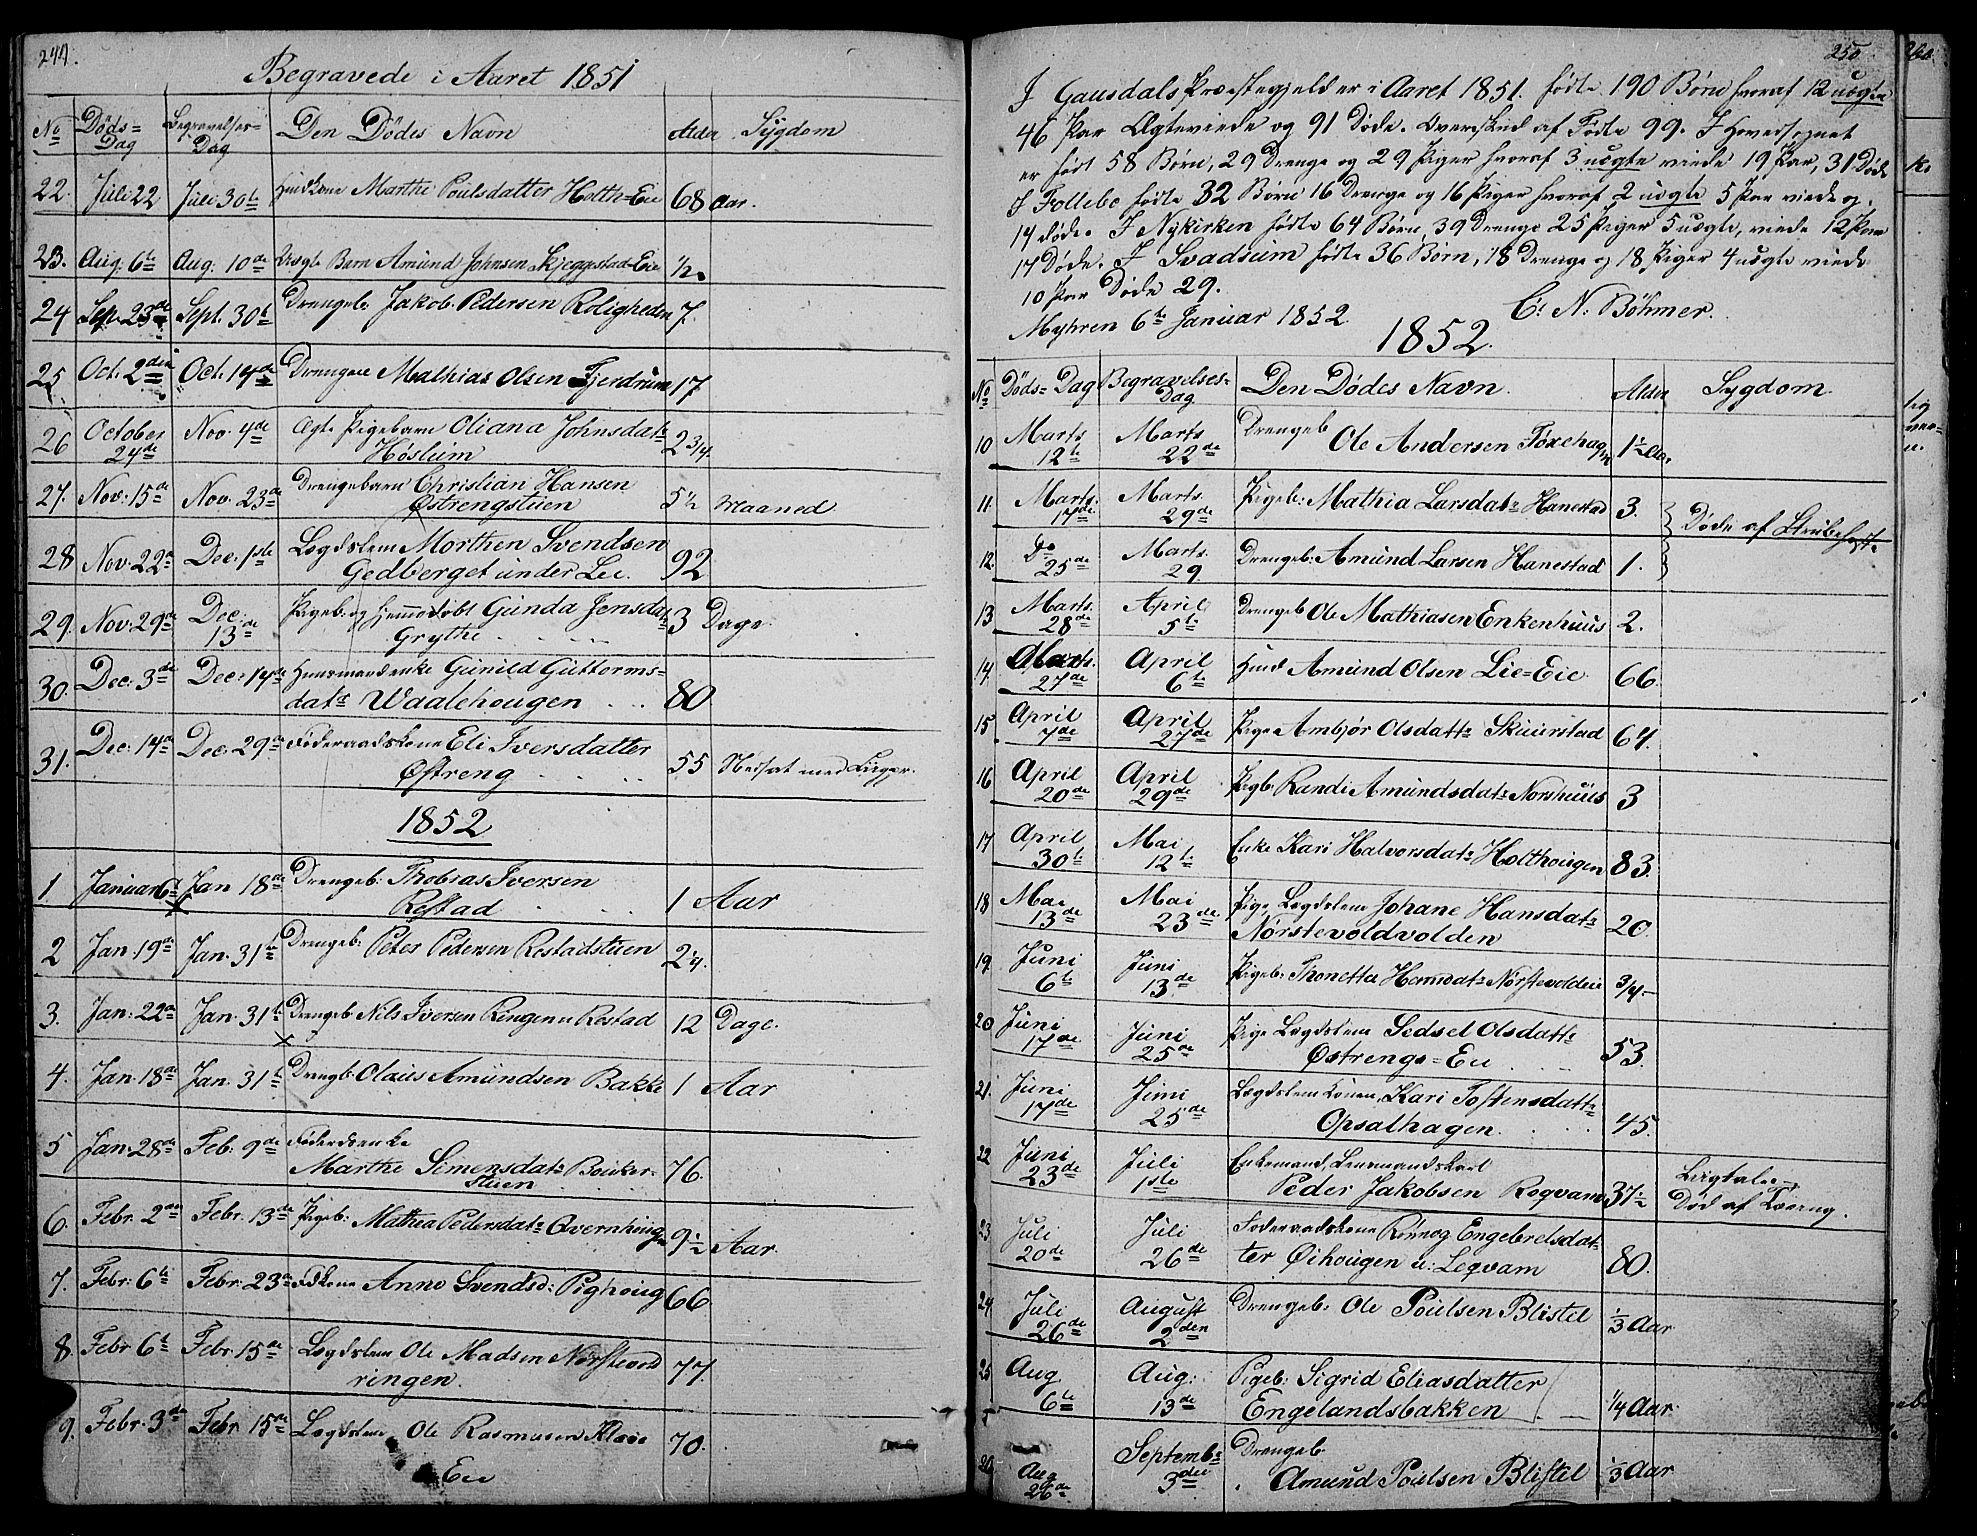 SAH, Gausdal prestekontor, Klokkerbok nr. 3, 1829-1864, s. 249-250